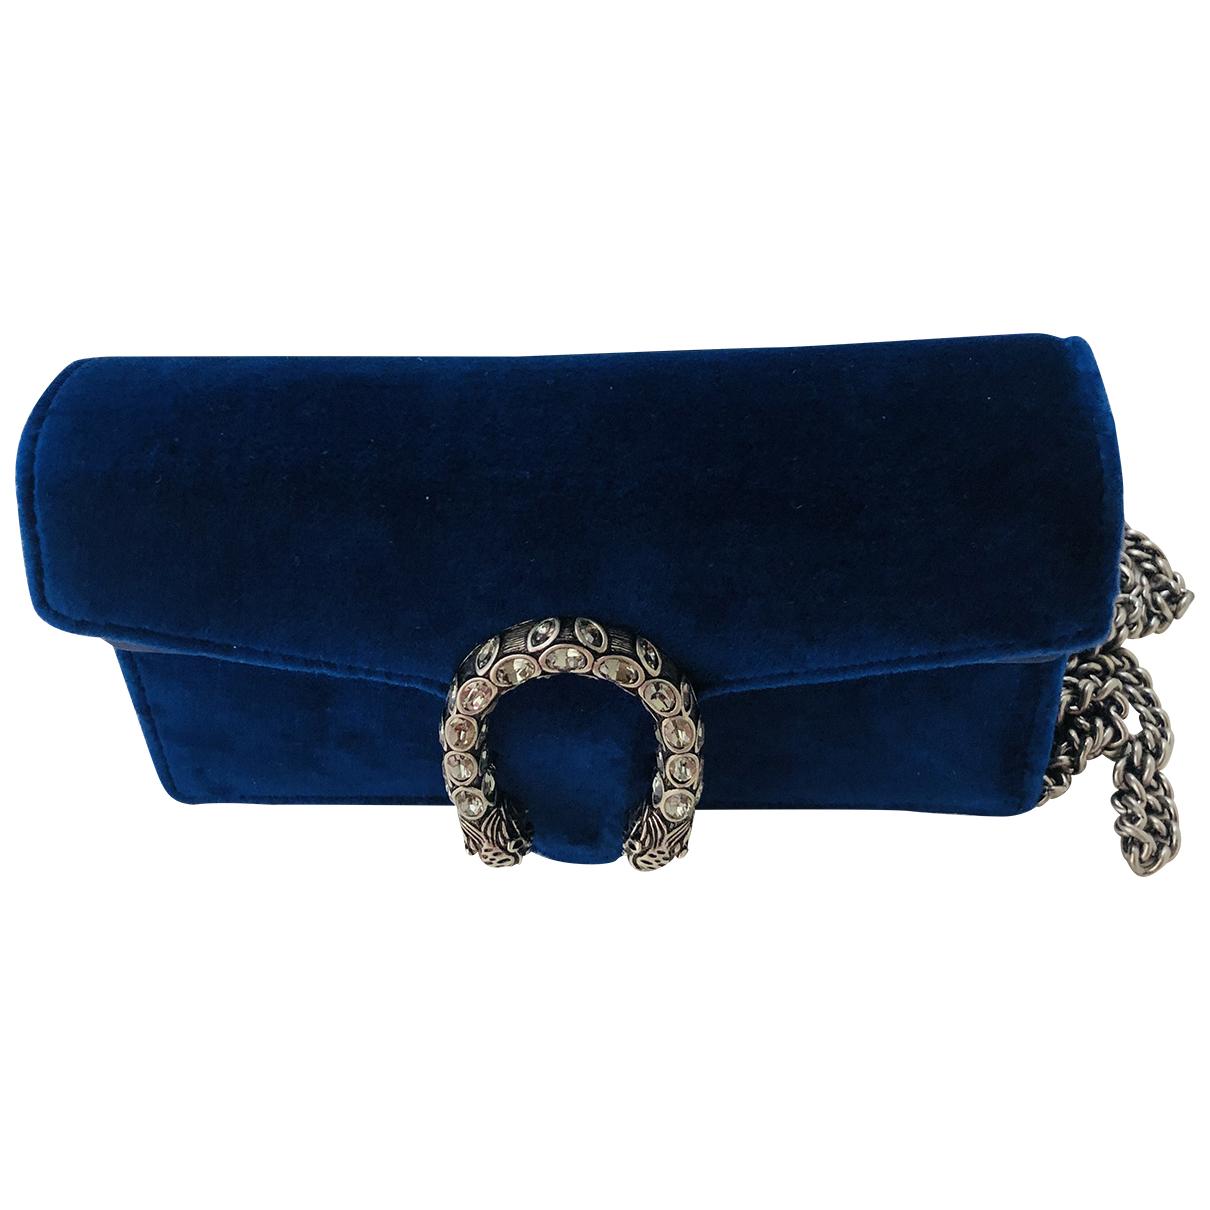 Gucci - Pochette Dionysus pour femme en velours - bleu